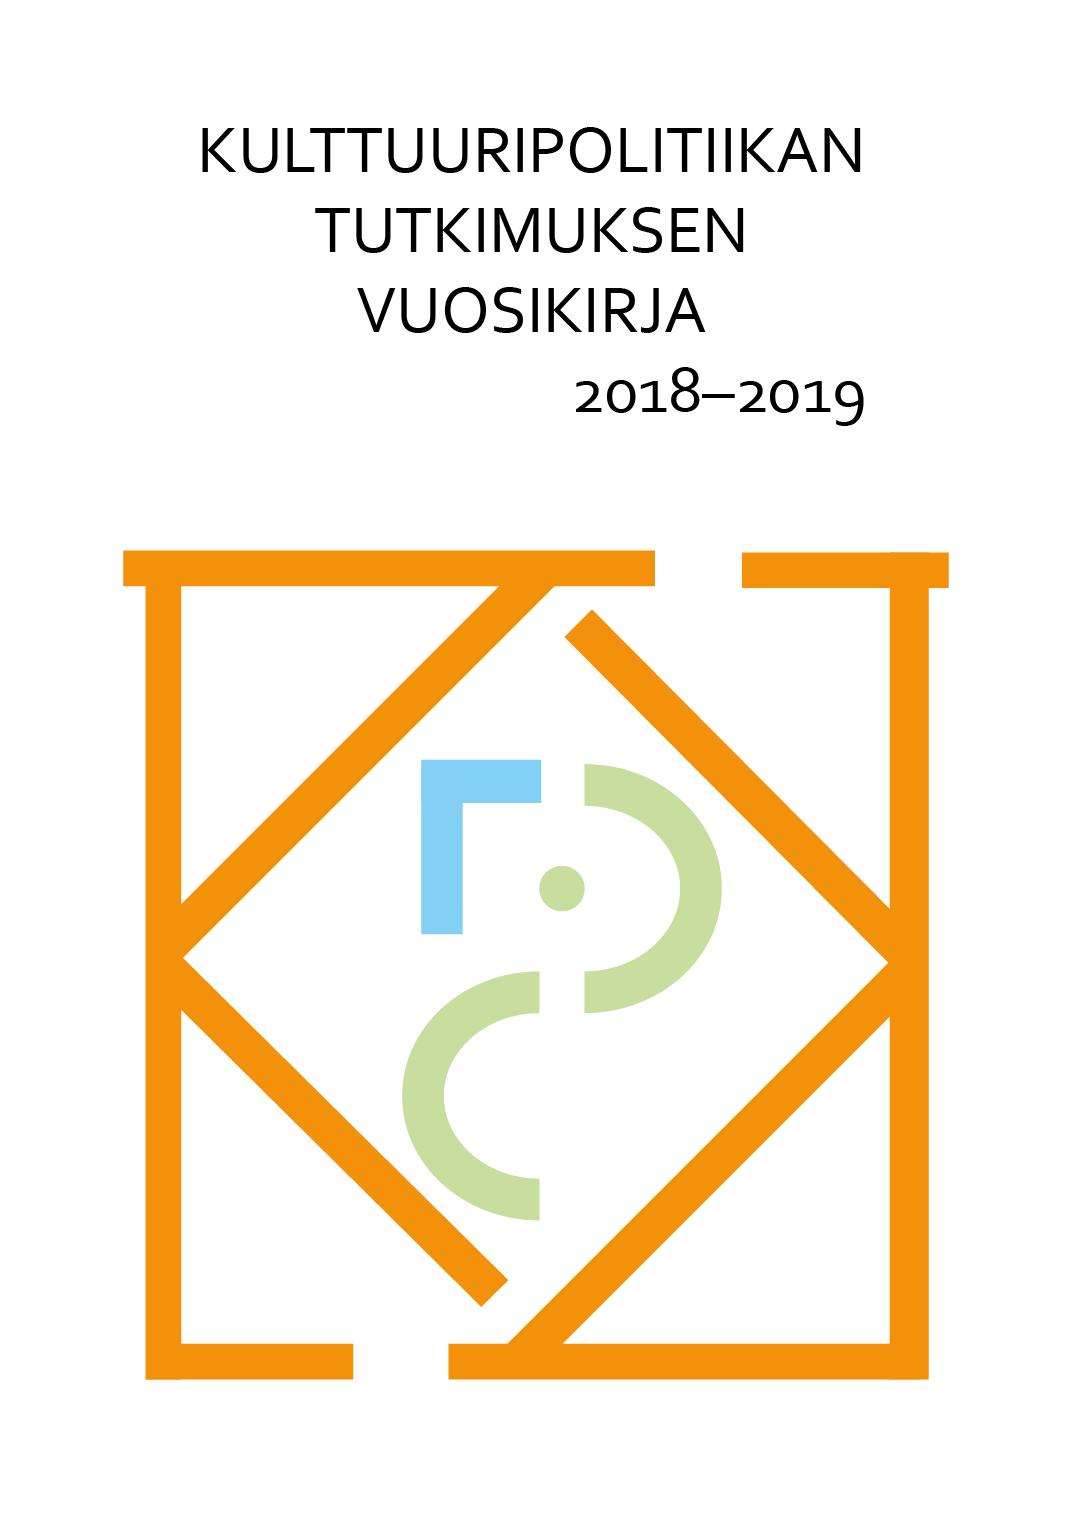 Näytä Vol 4 Nro 1 (2019): Kulttuuripolitiikan tutkimuksen vuosikirja 2018-2019